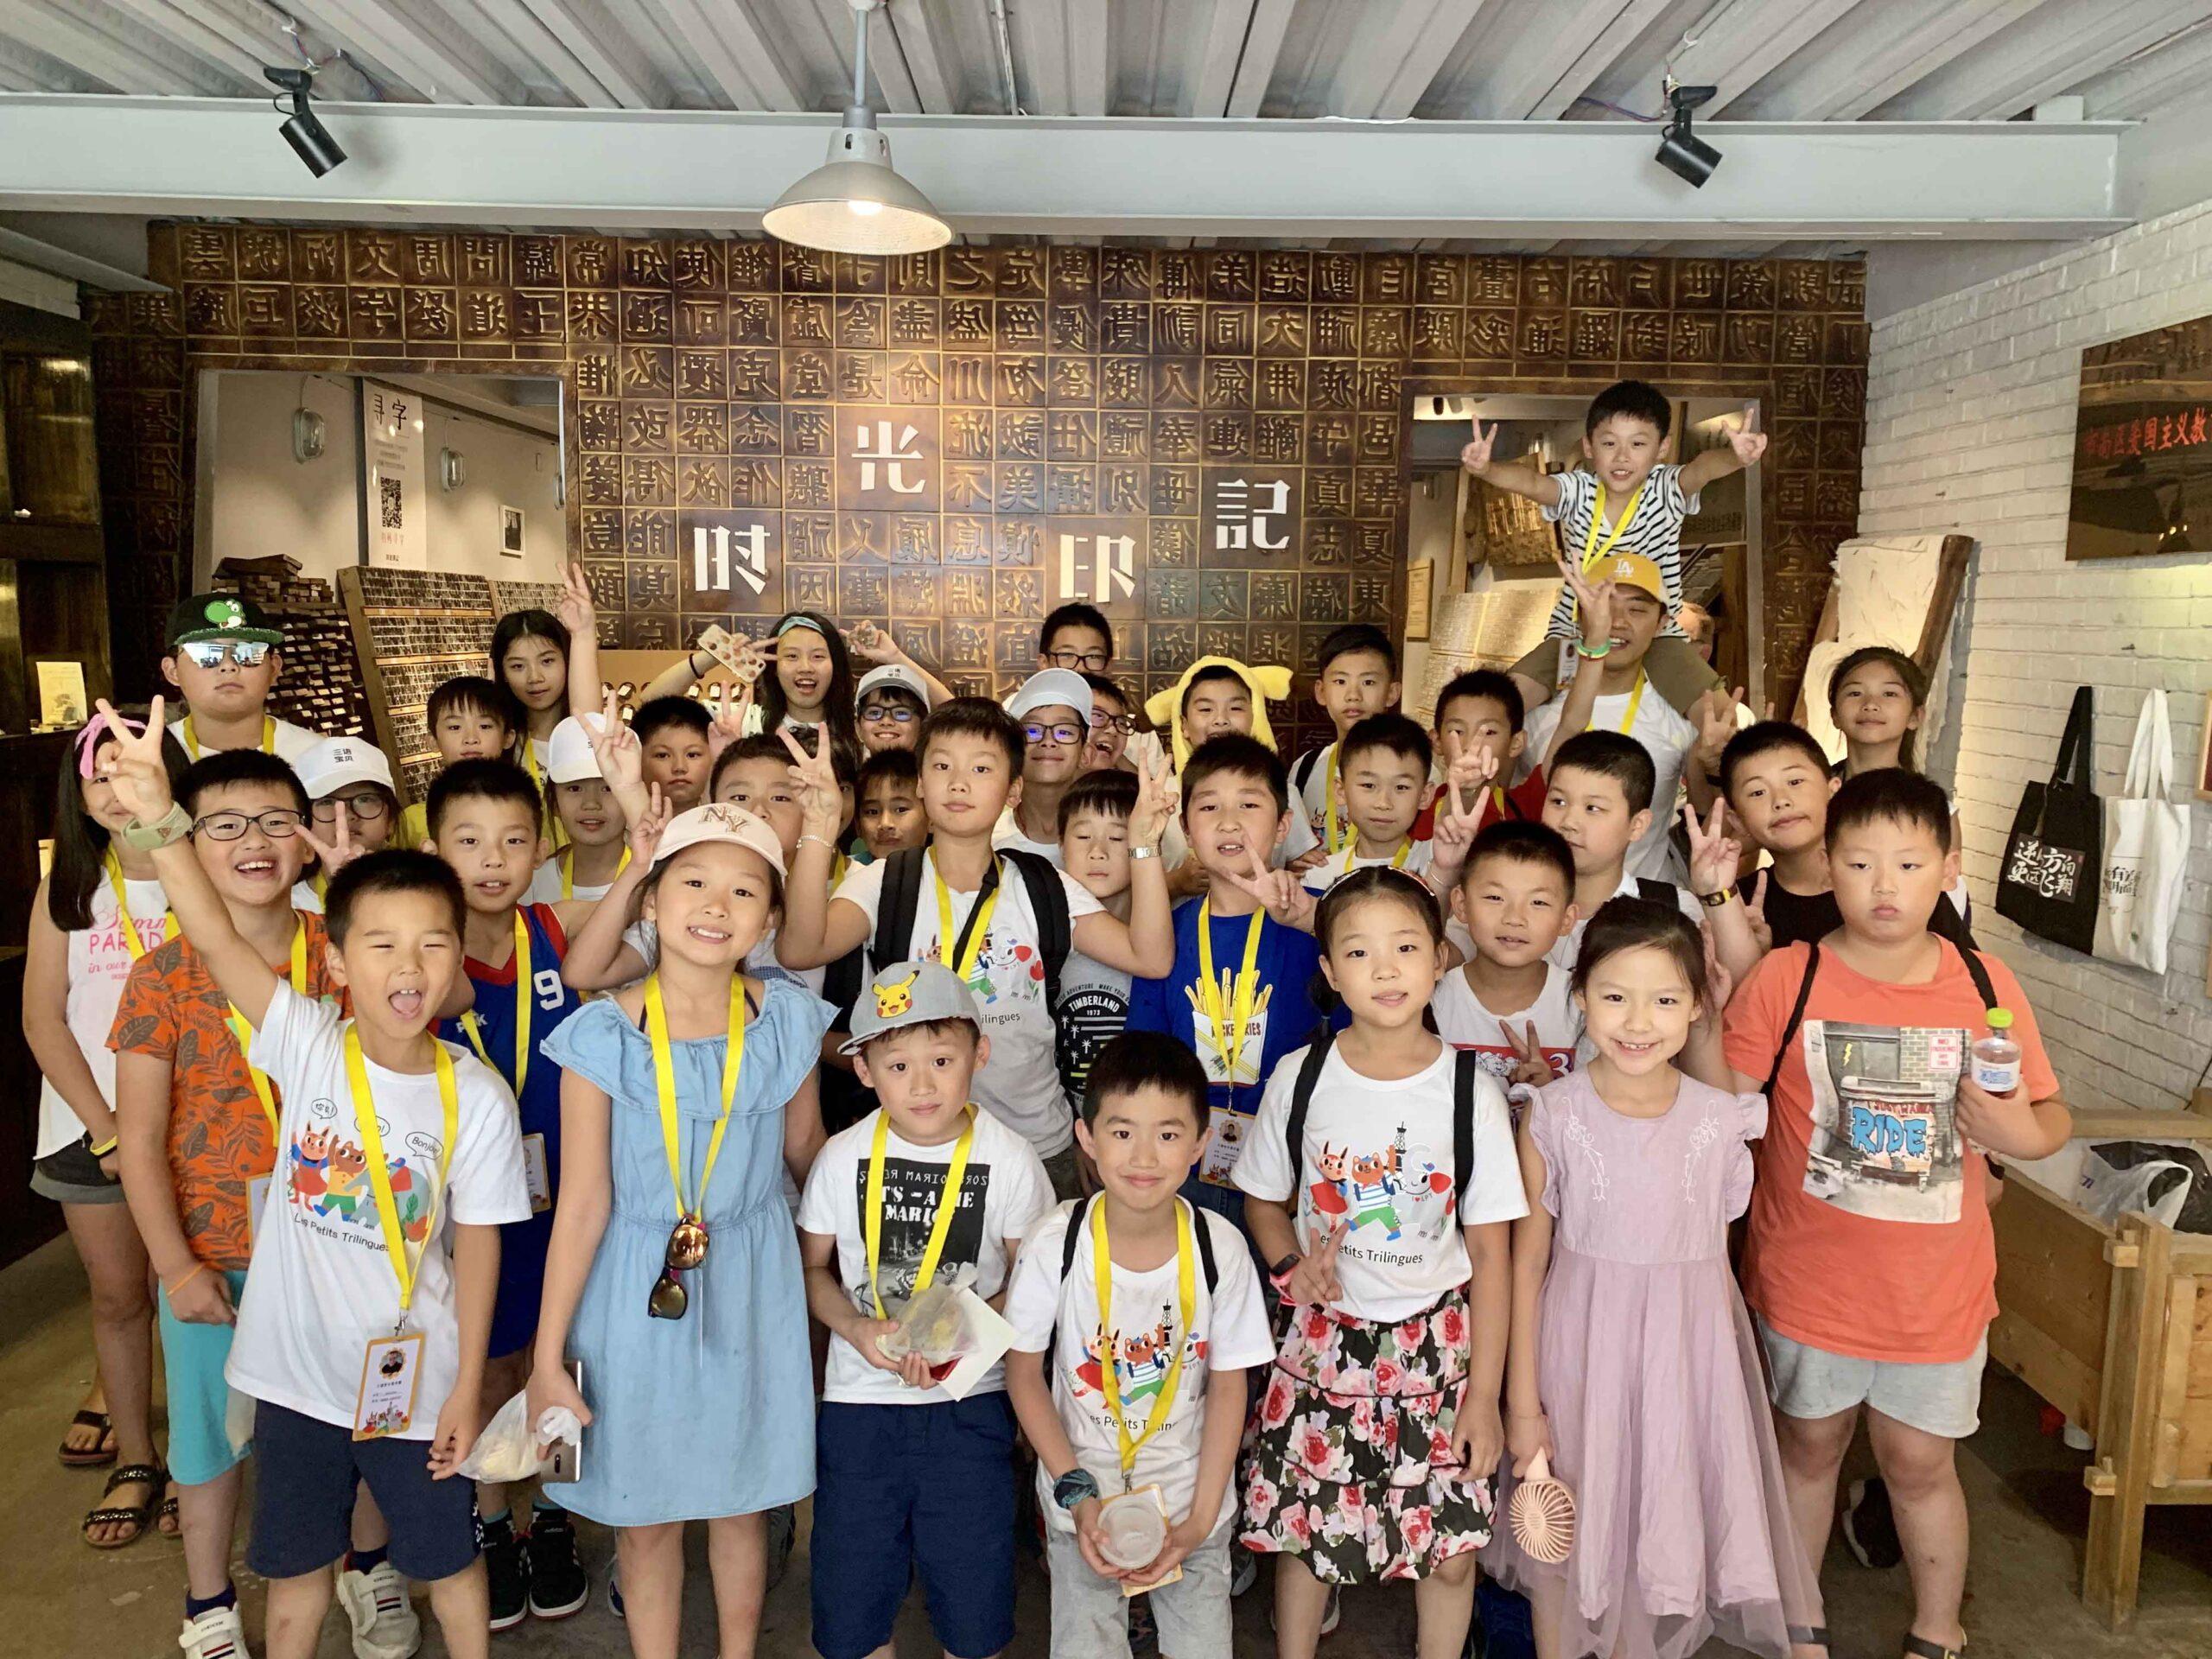 Un groupe d'enfant souriant prend la pose